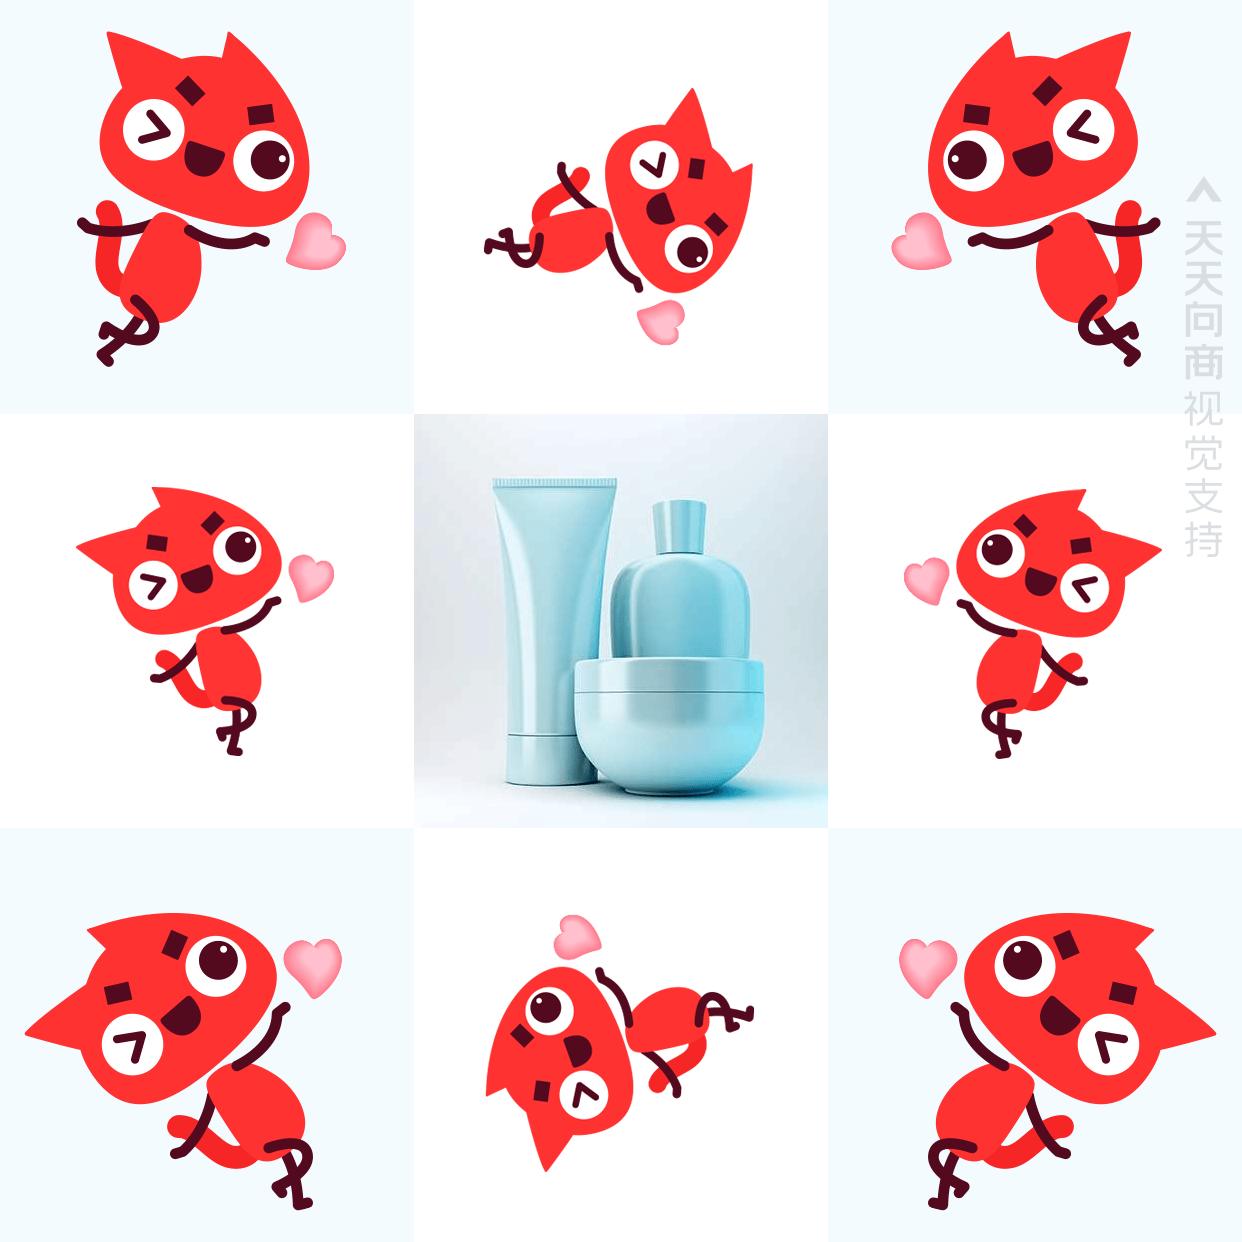 红小喵趣味九宫格方形展示海报